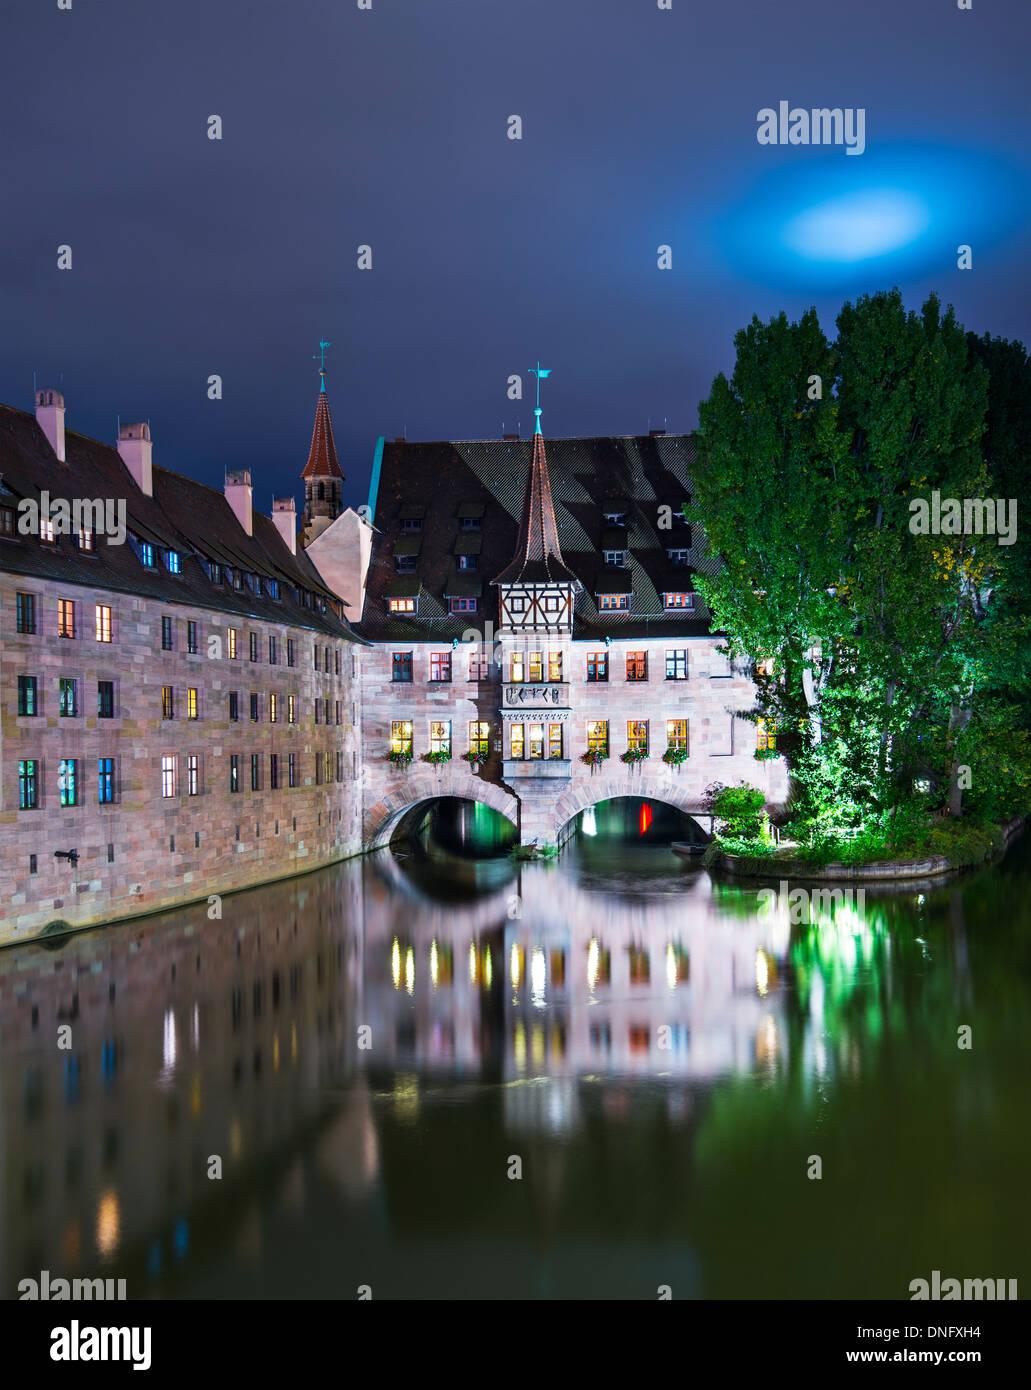 Nürnberg im historischen Krankenhaus des Heiligen Geistes am Fluss Pegnitz. Stockbild